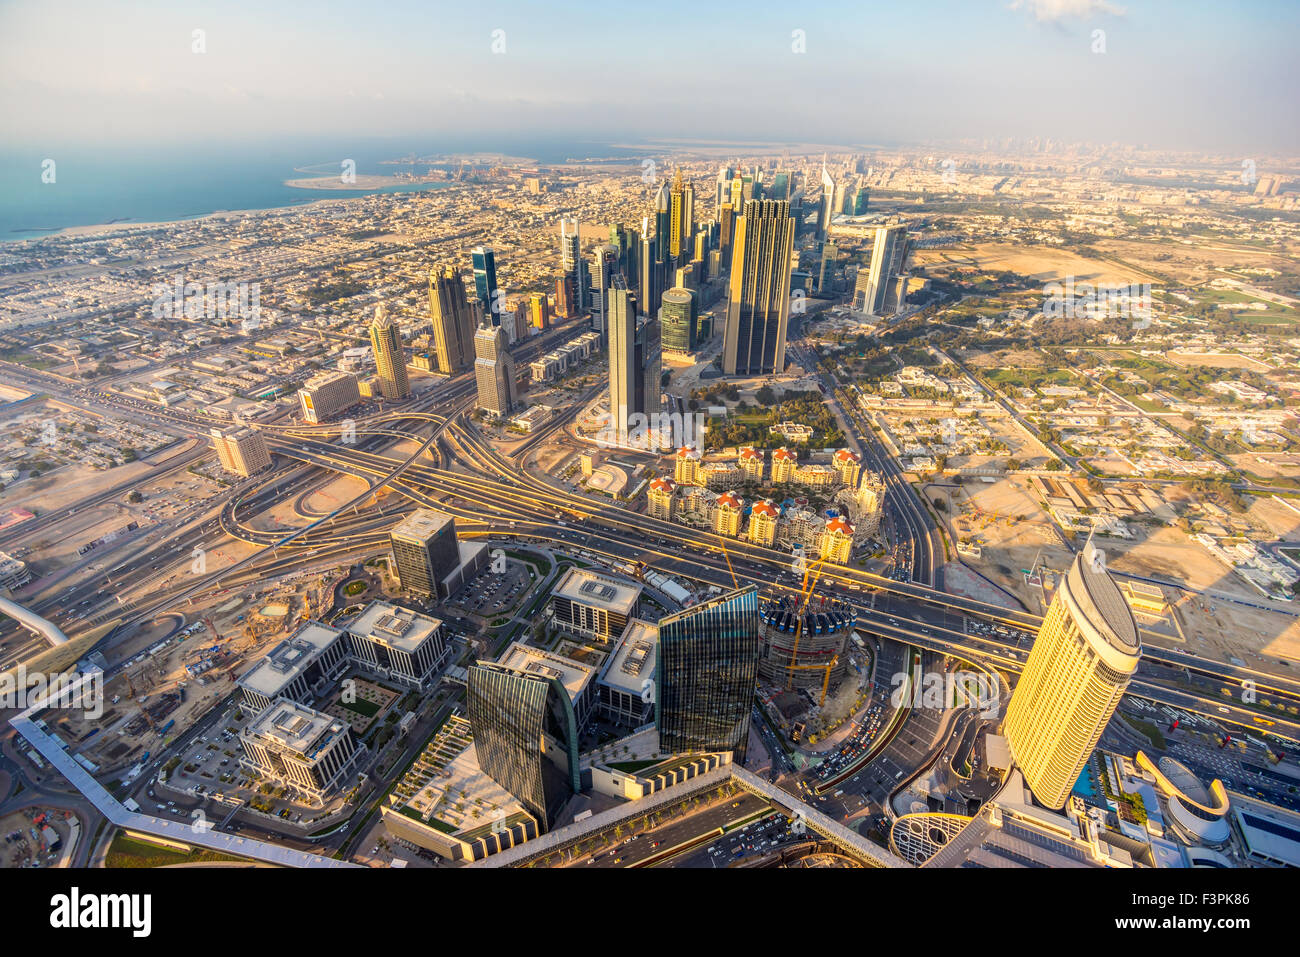 Dubai skyline at dusk, UAE. - Stock Image